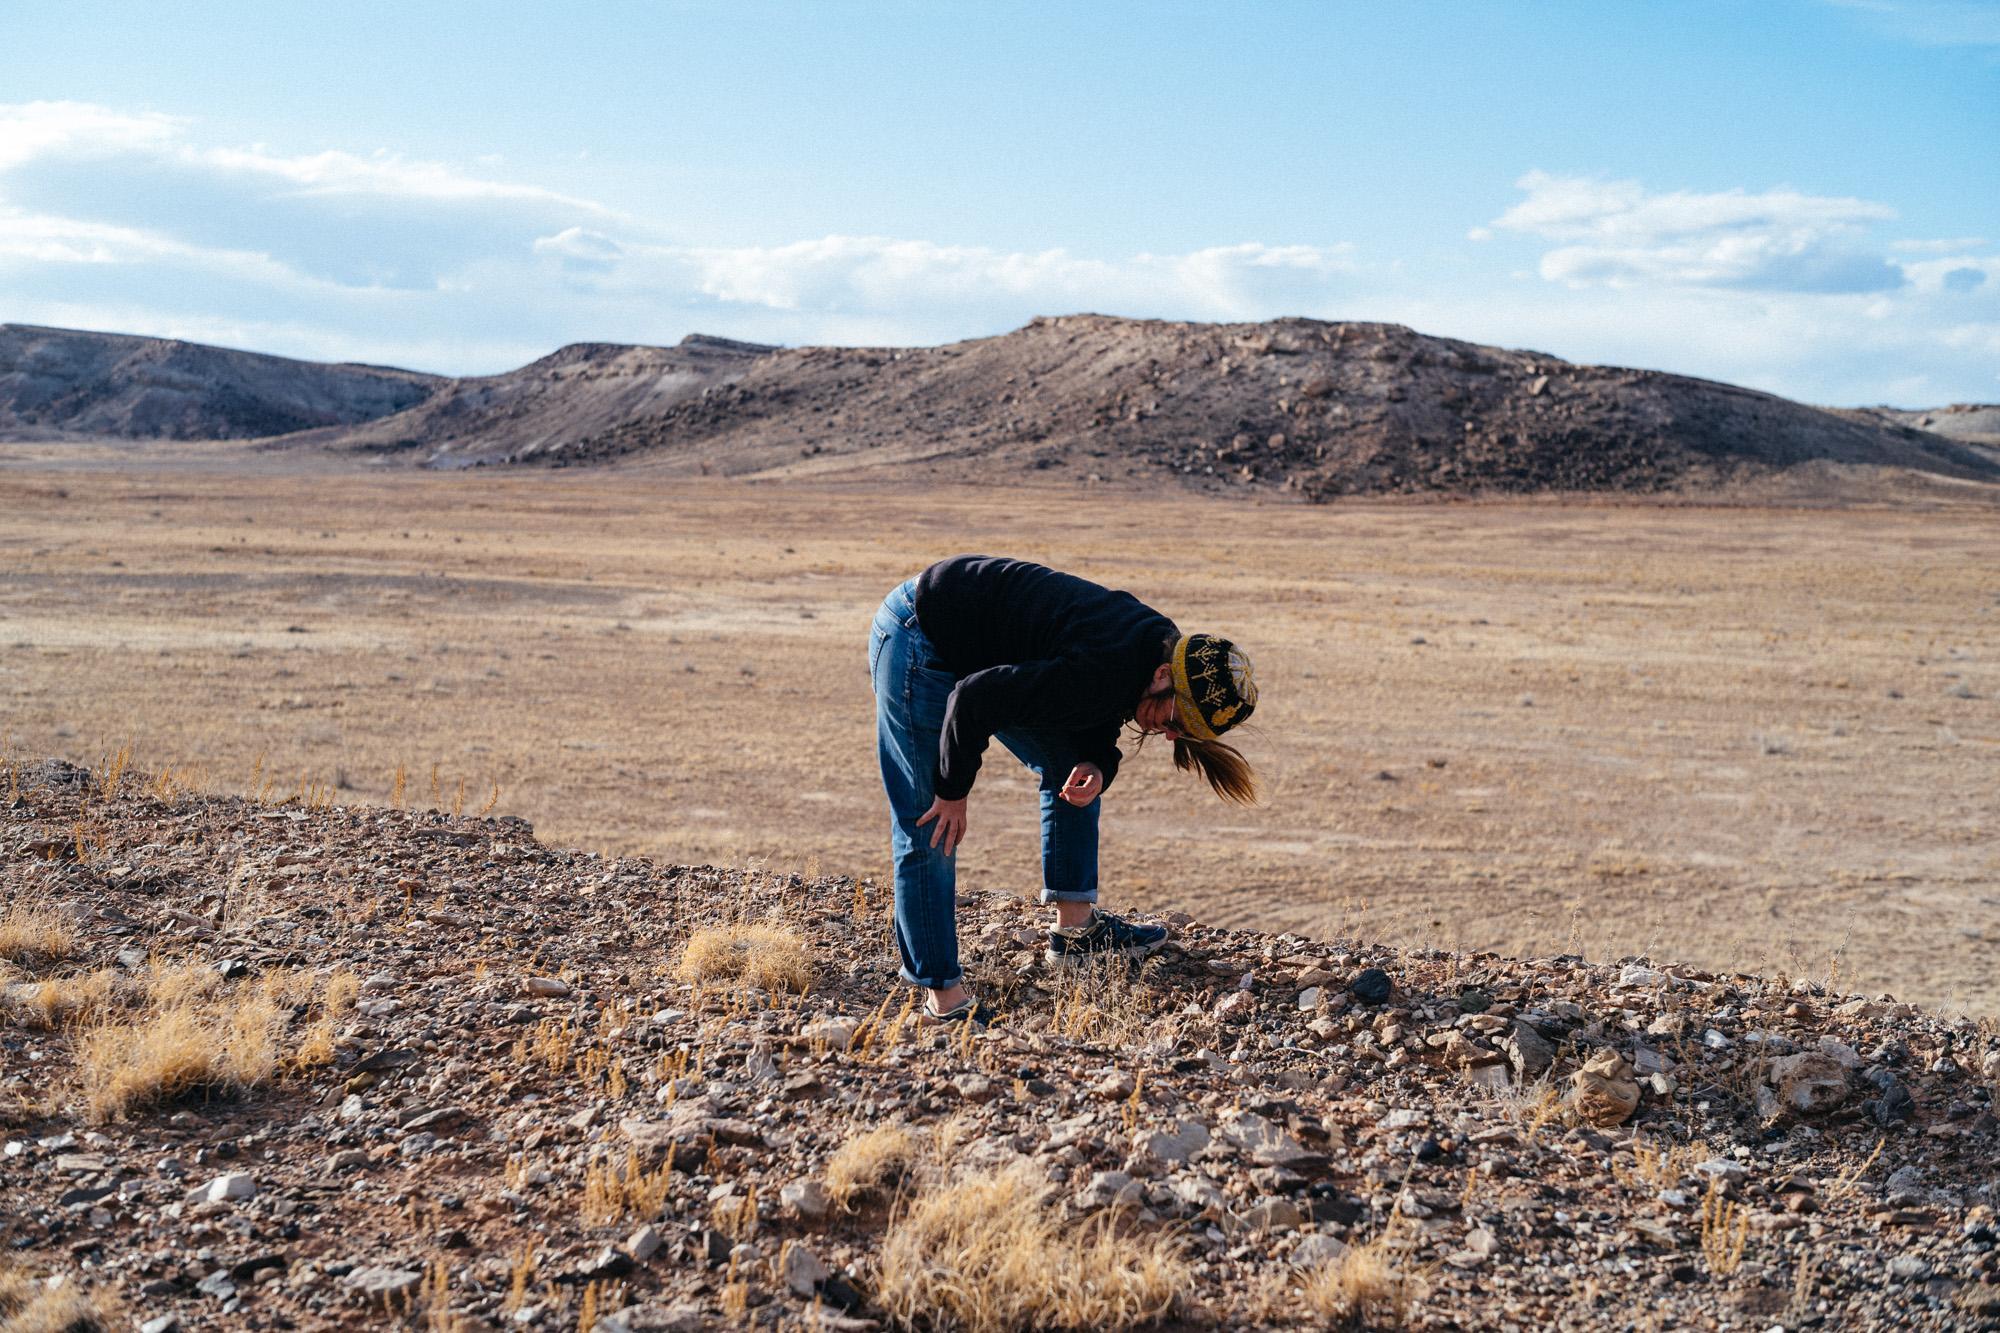 The rockhound stance.